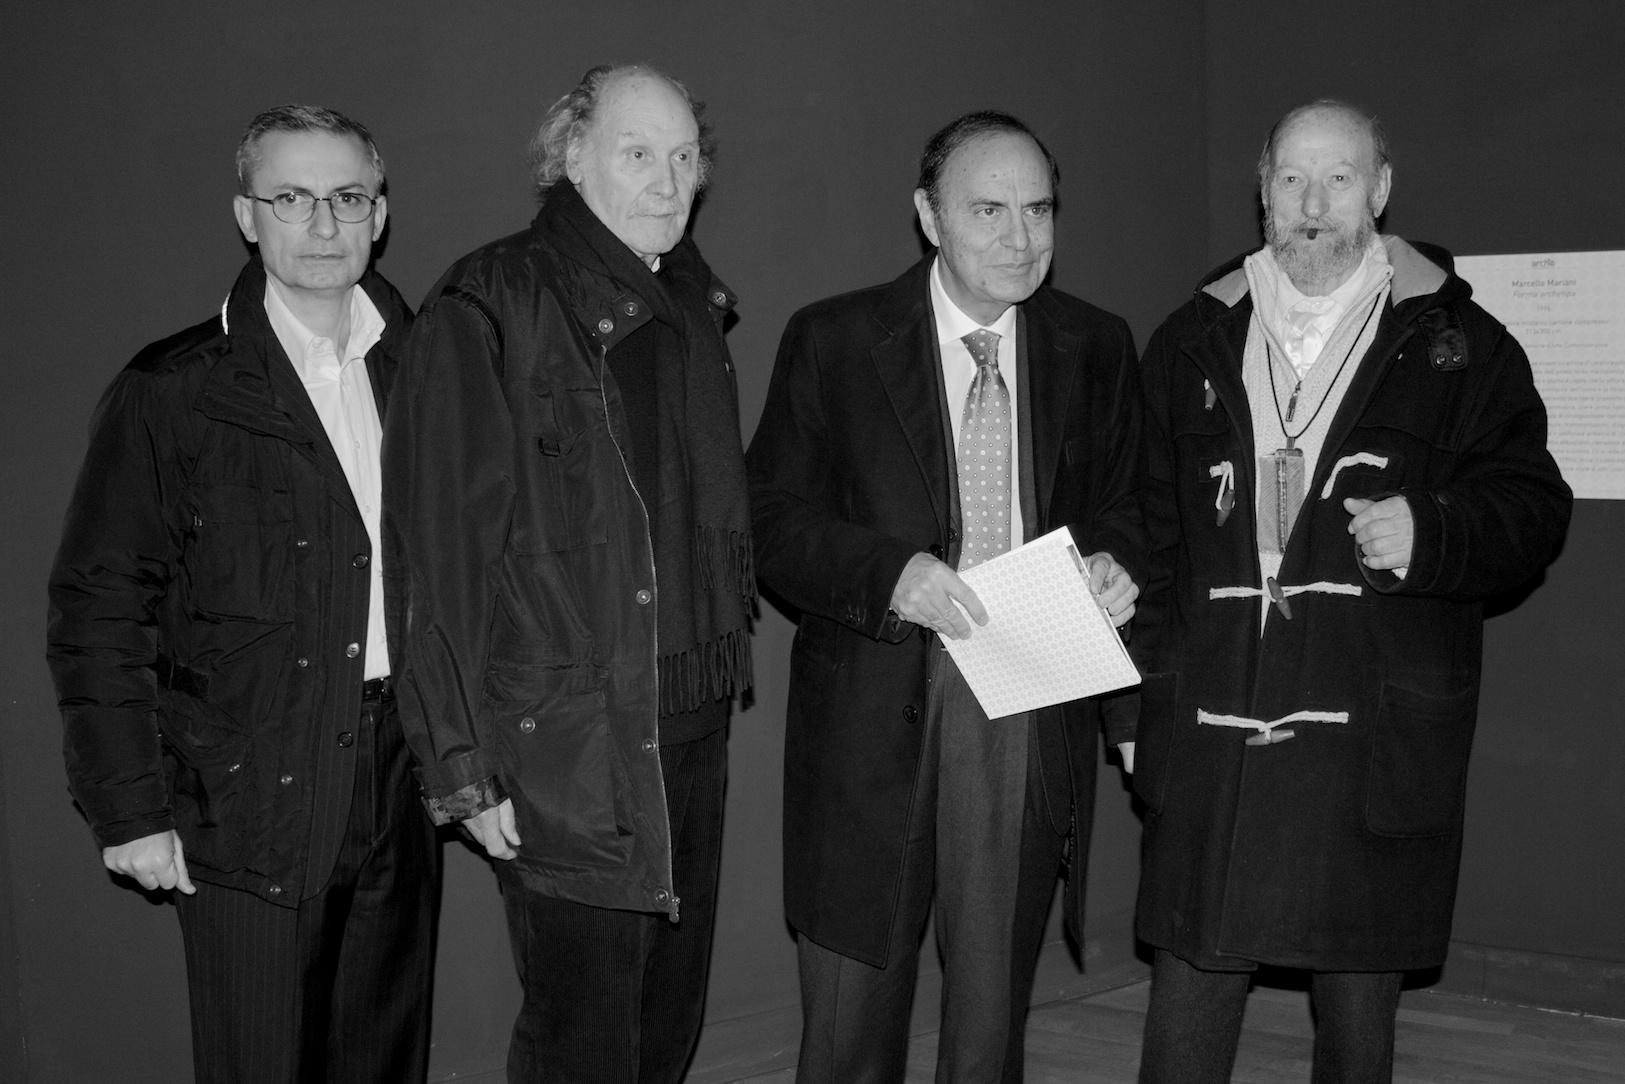 con Gabriele Simongini, Luigi Boille e Bruno Vespa, Complesso Monumentale del Vittoriano, Roma, 2012